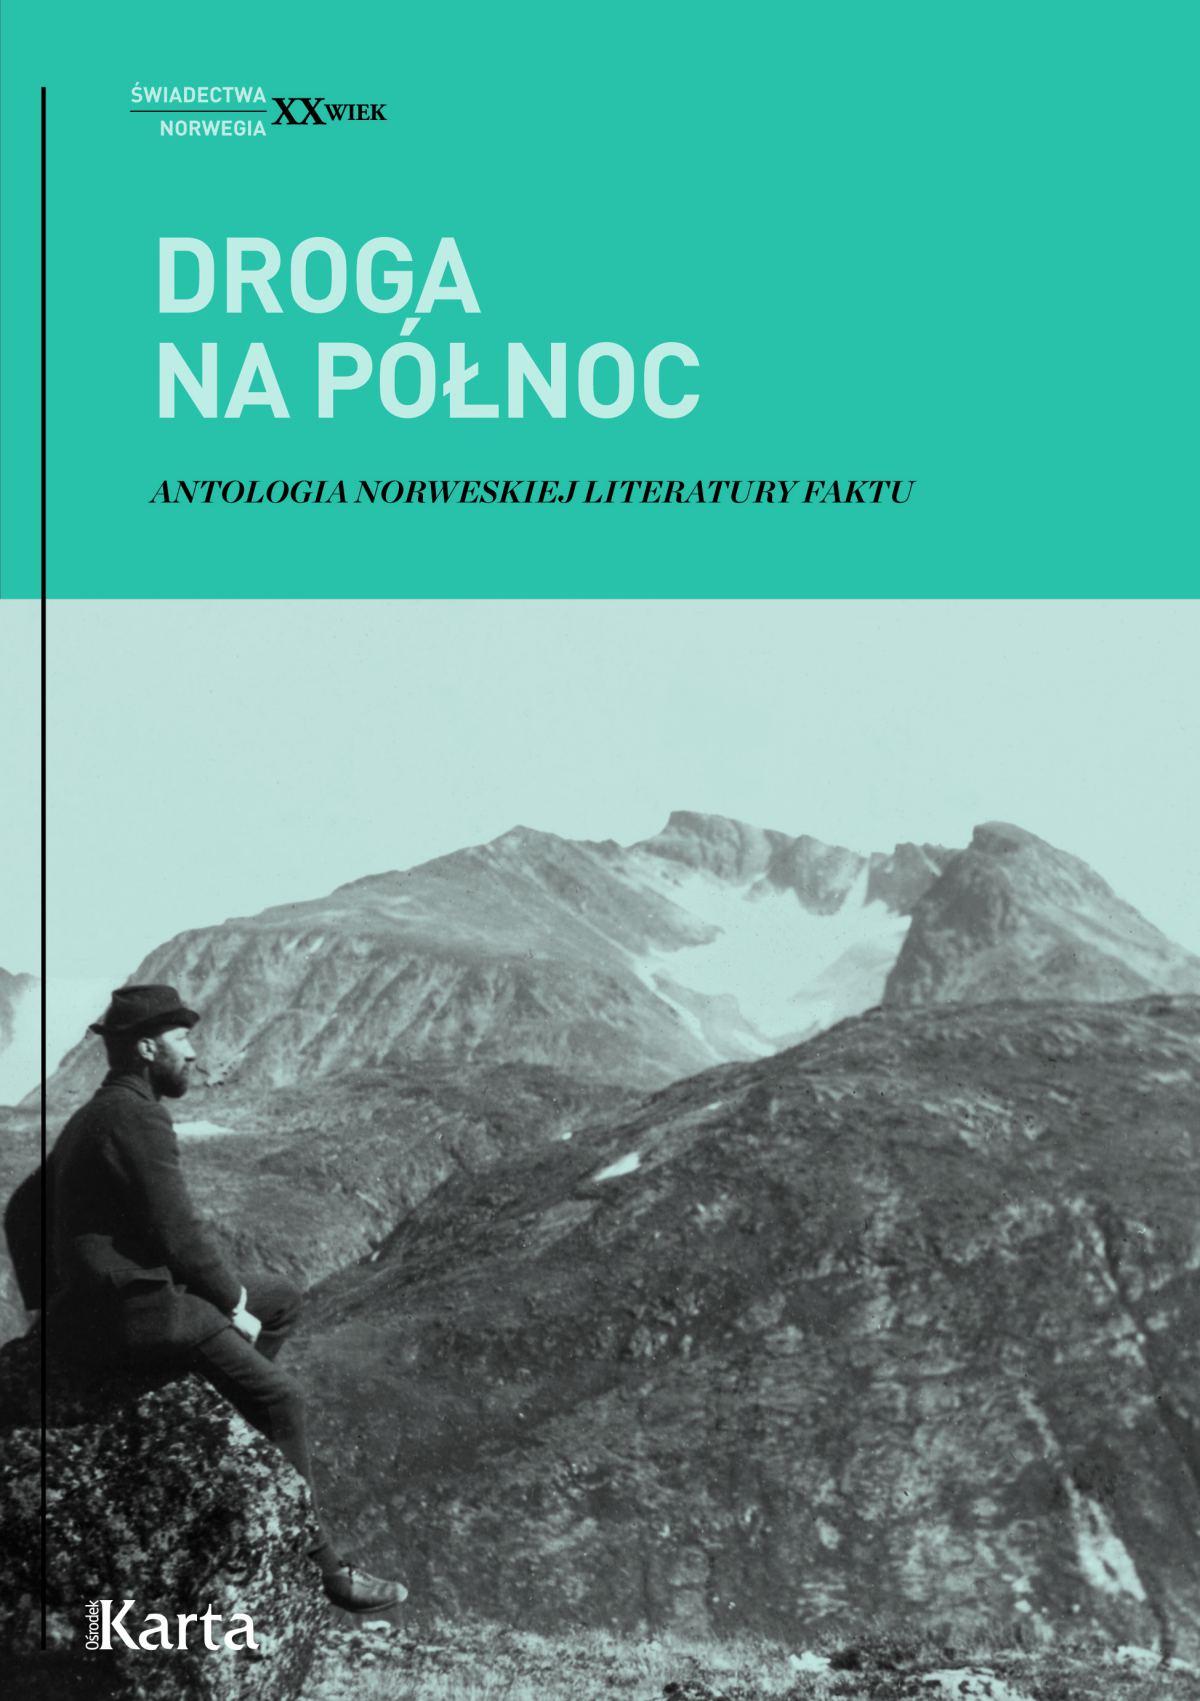 Droga na Północ. Antologia norweskiej literatury faktu - Ebook (Książka EPUB) do pobrania w formacie EPUB